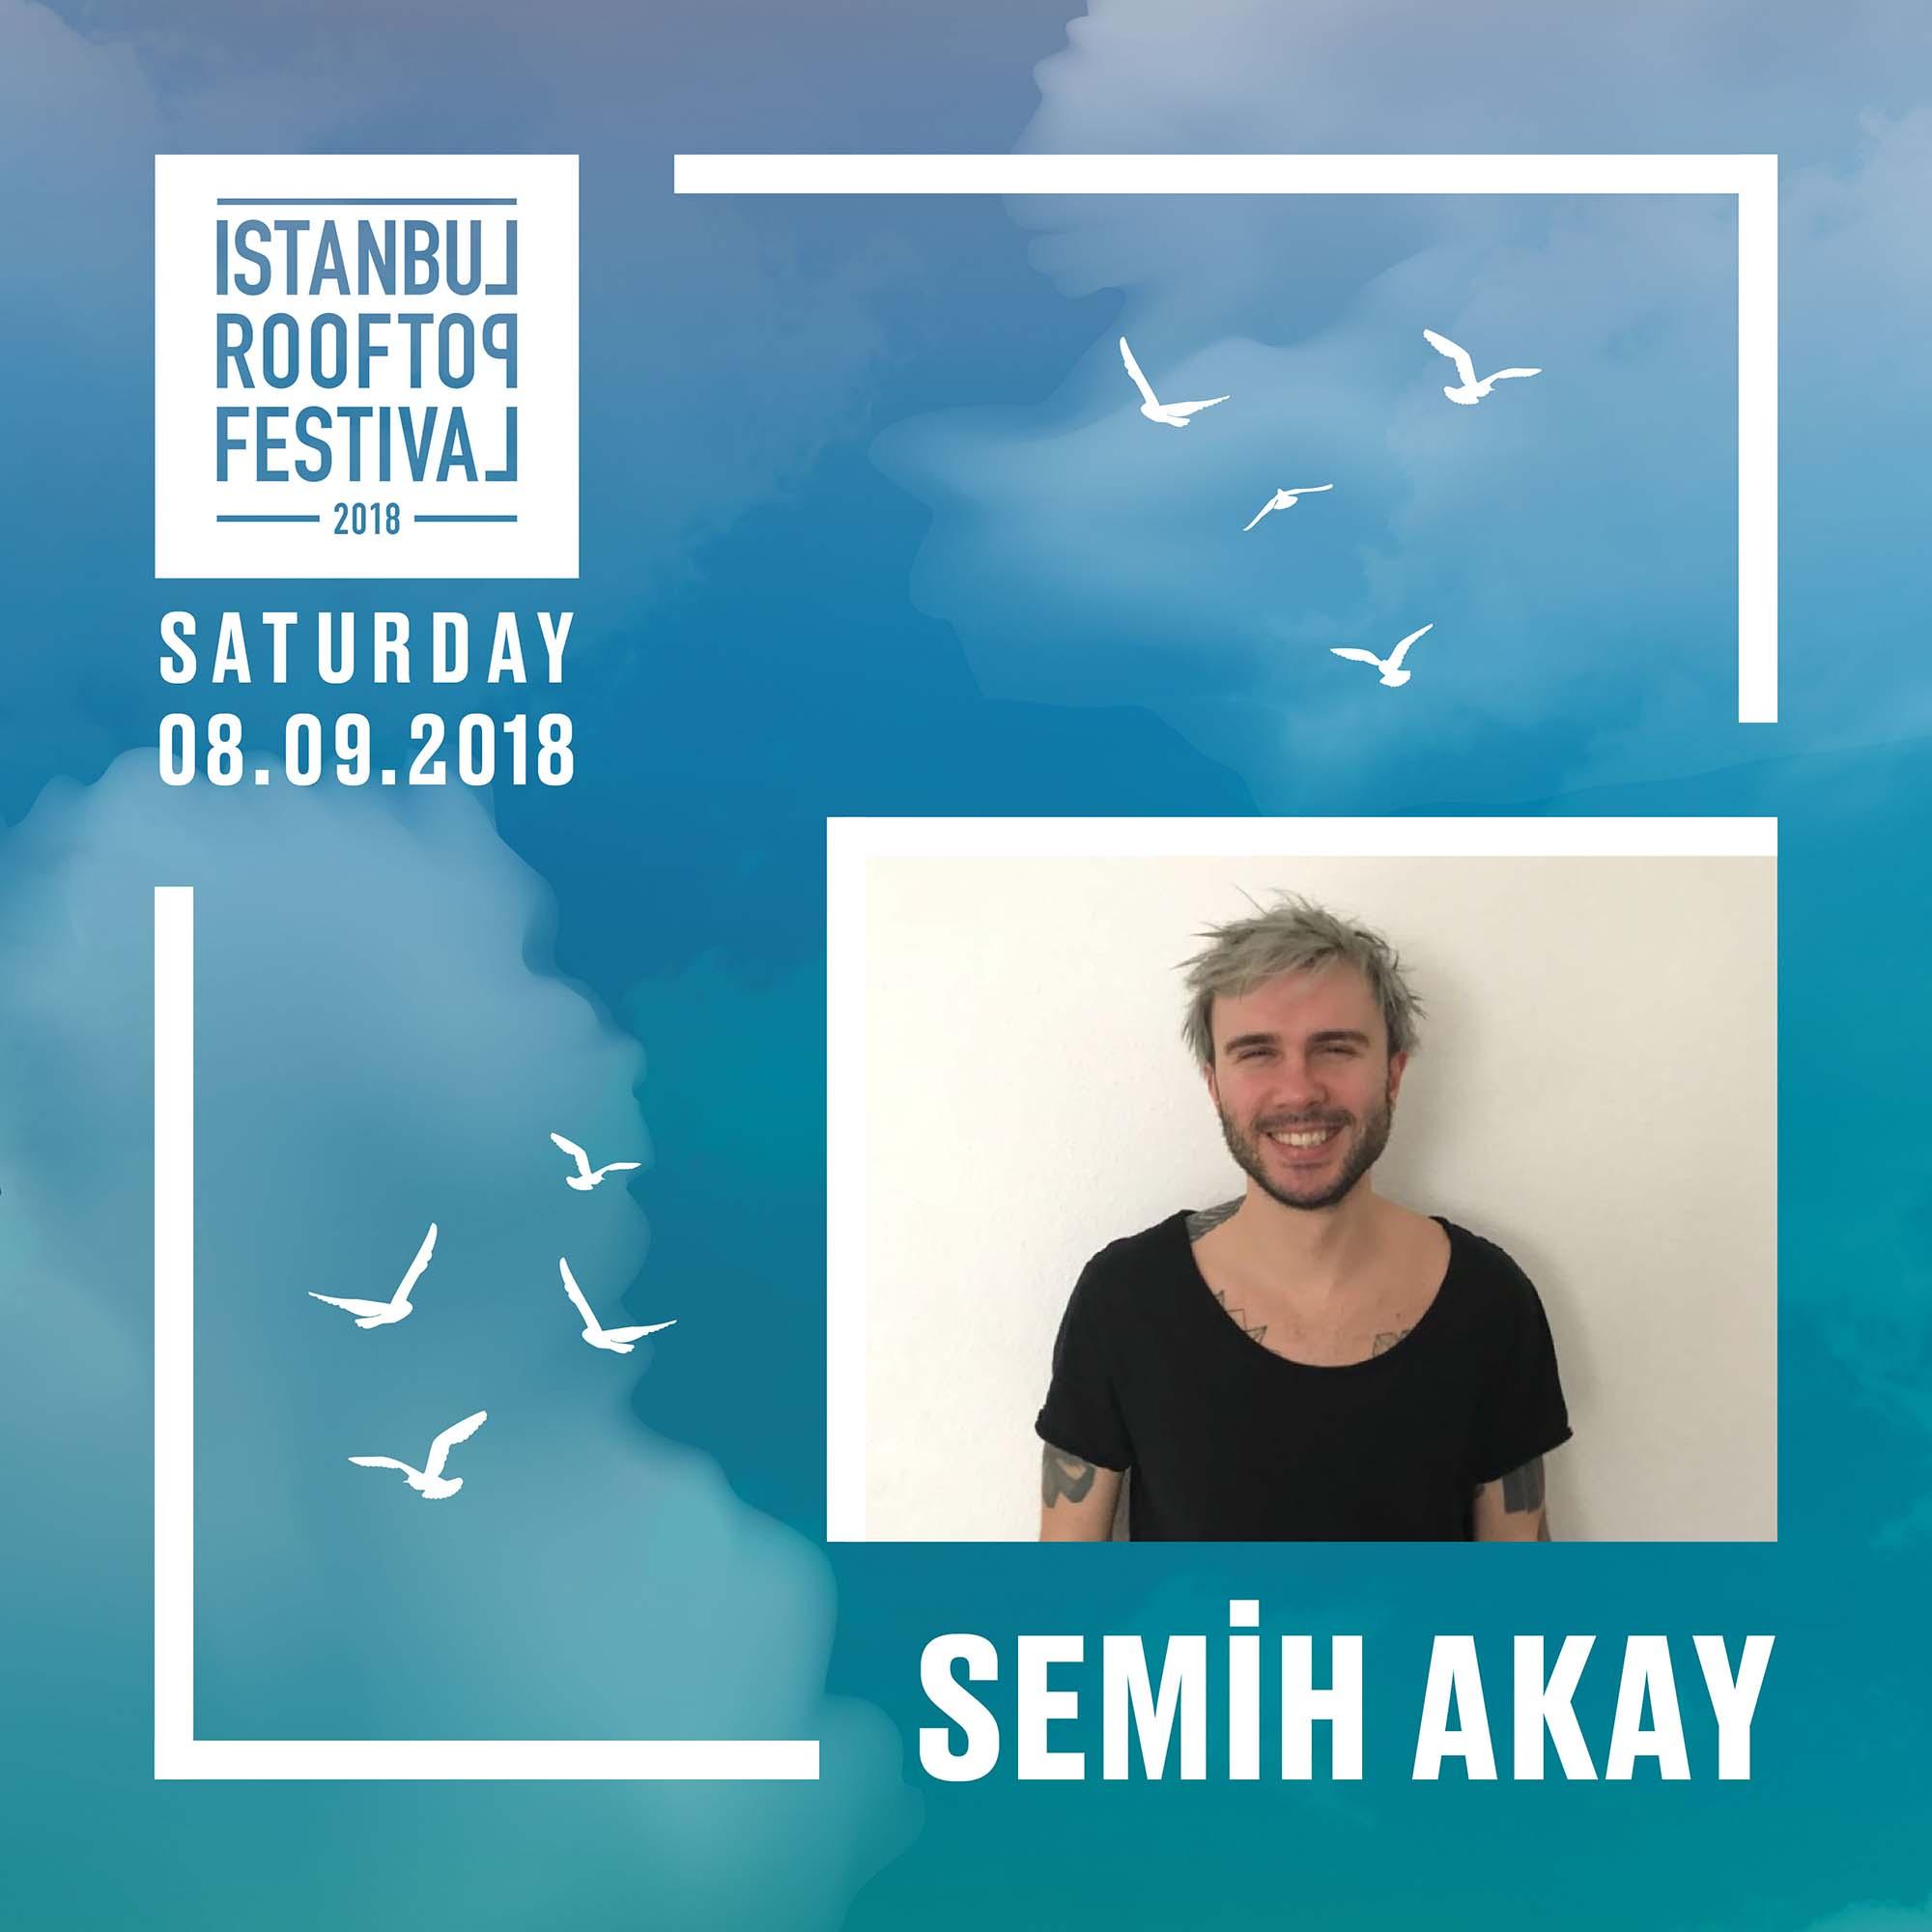 Semih Akay